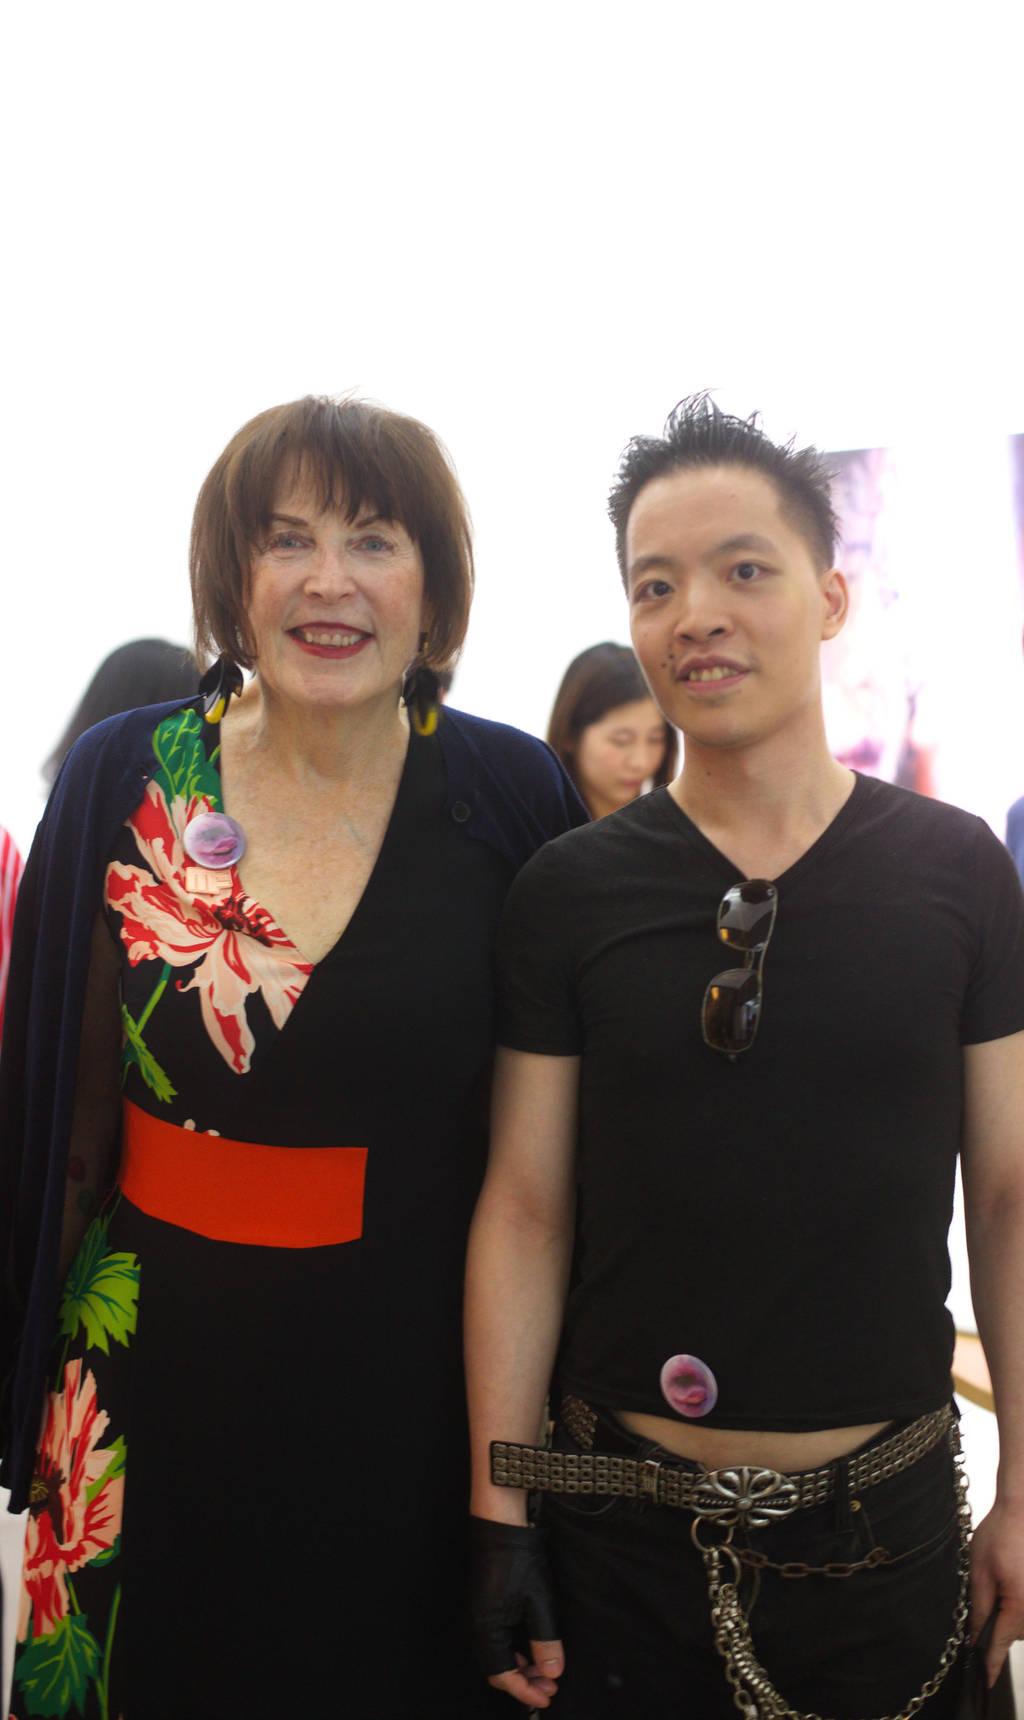 Michael Andrew Law Cheuk Yui meet Marilyn Minter 1 by michaelandrewlaw